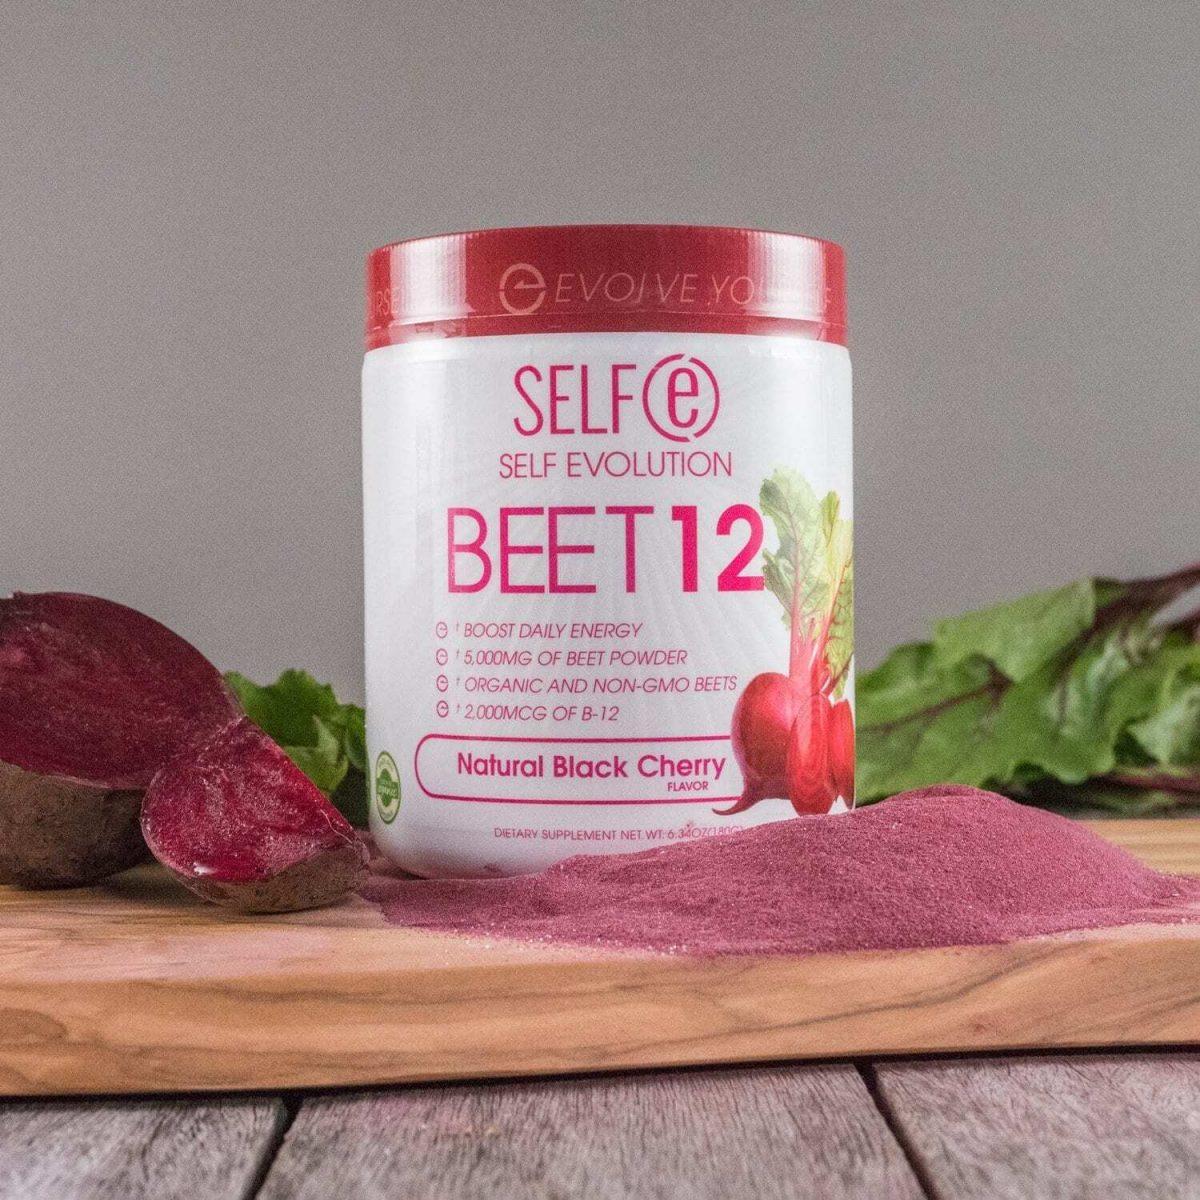 Selfe Beet 12 - Beetroot Powder Supplement Plus Vitamin B12 - Black Cherry - 30 Servings-2594